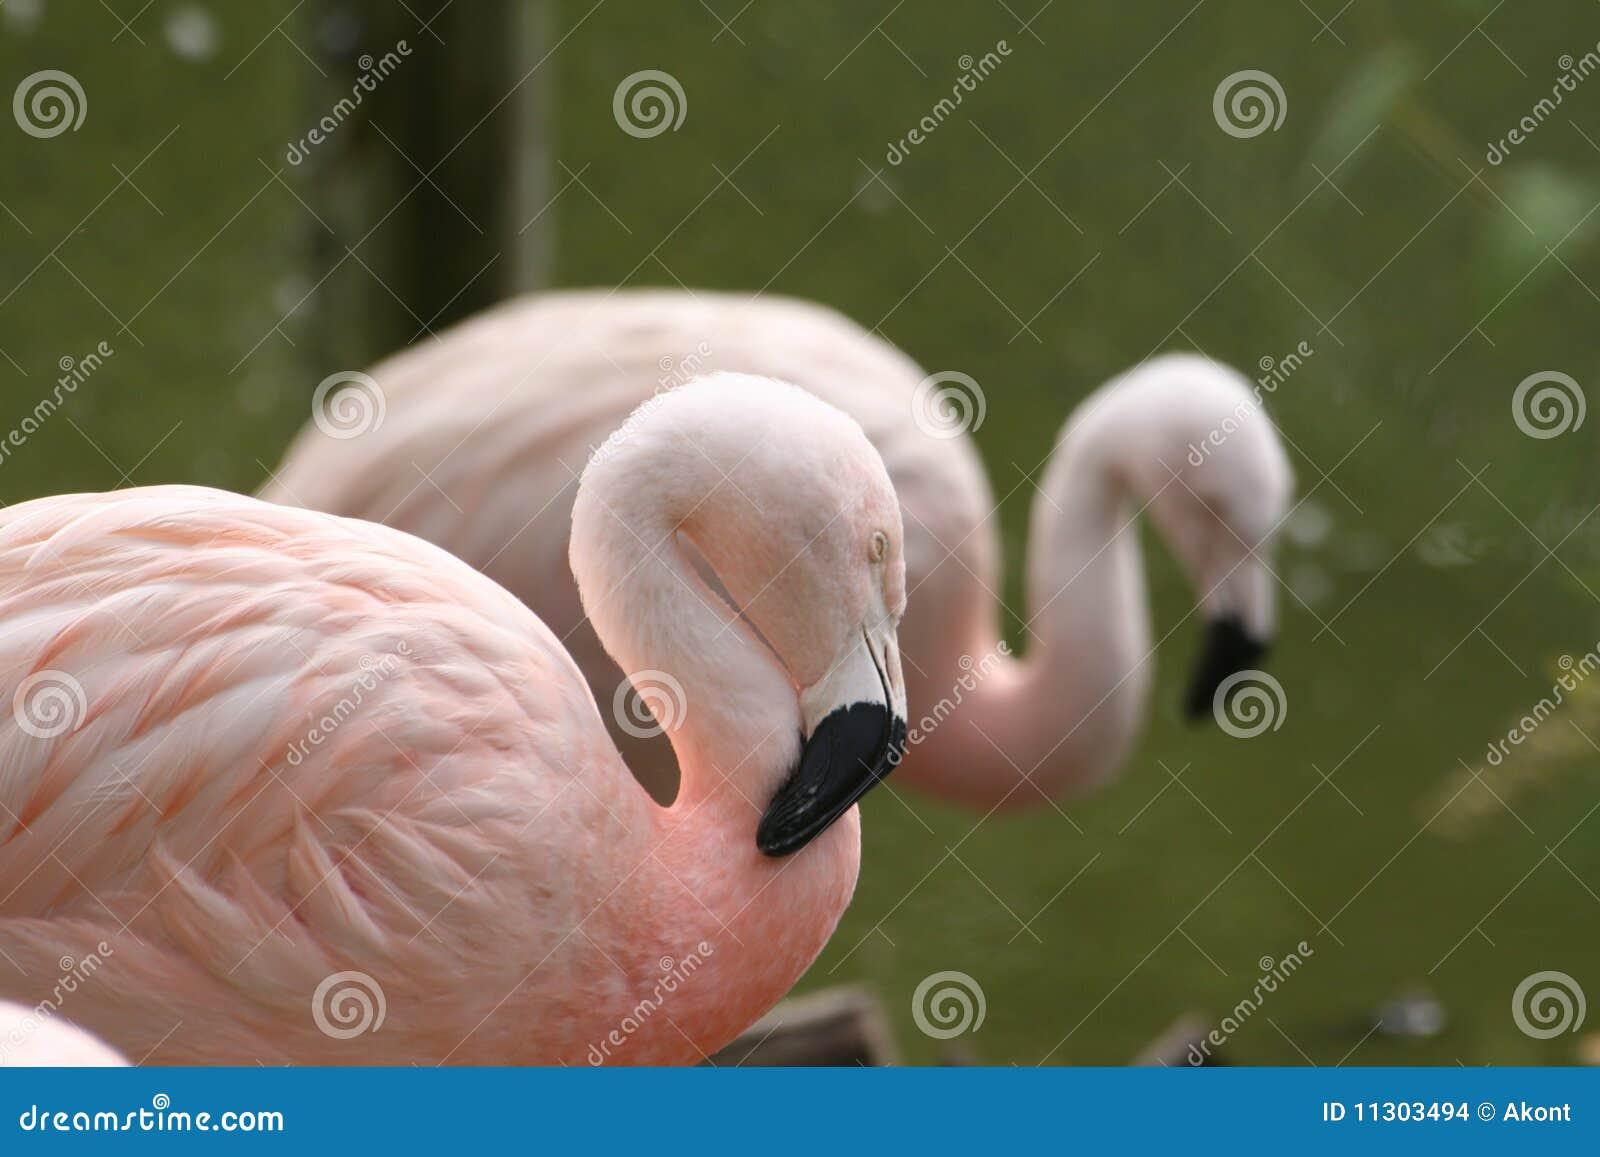 火鸟粉红色休眠